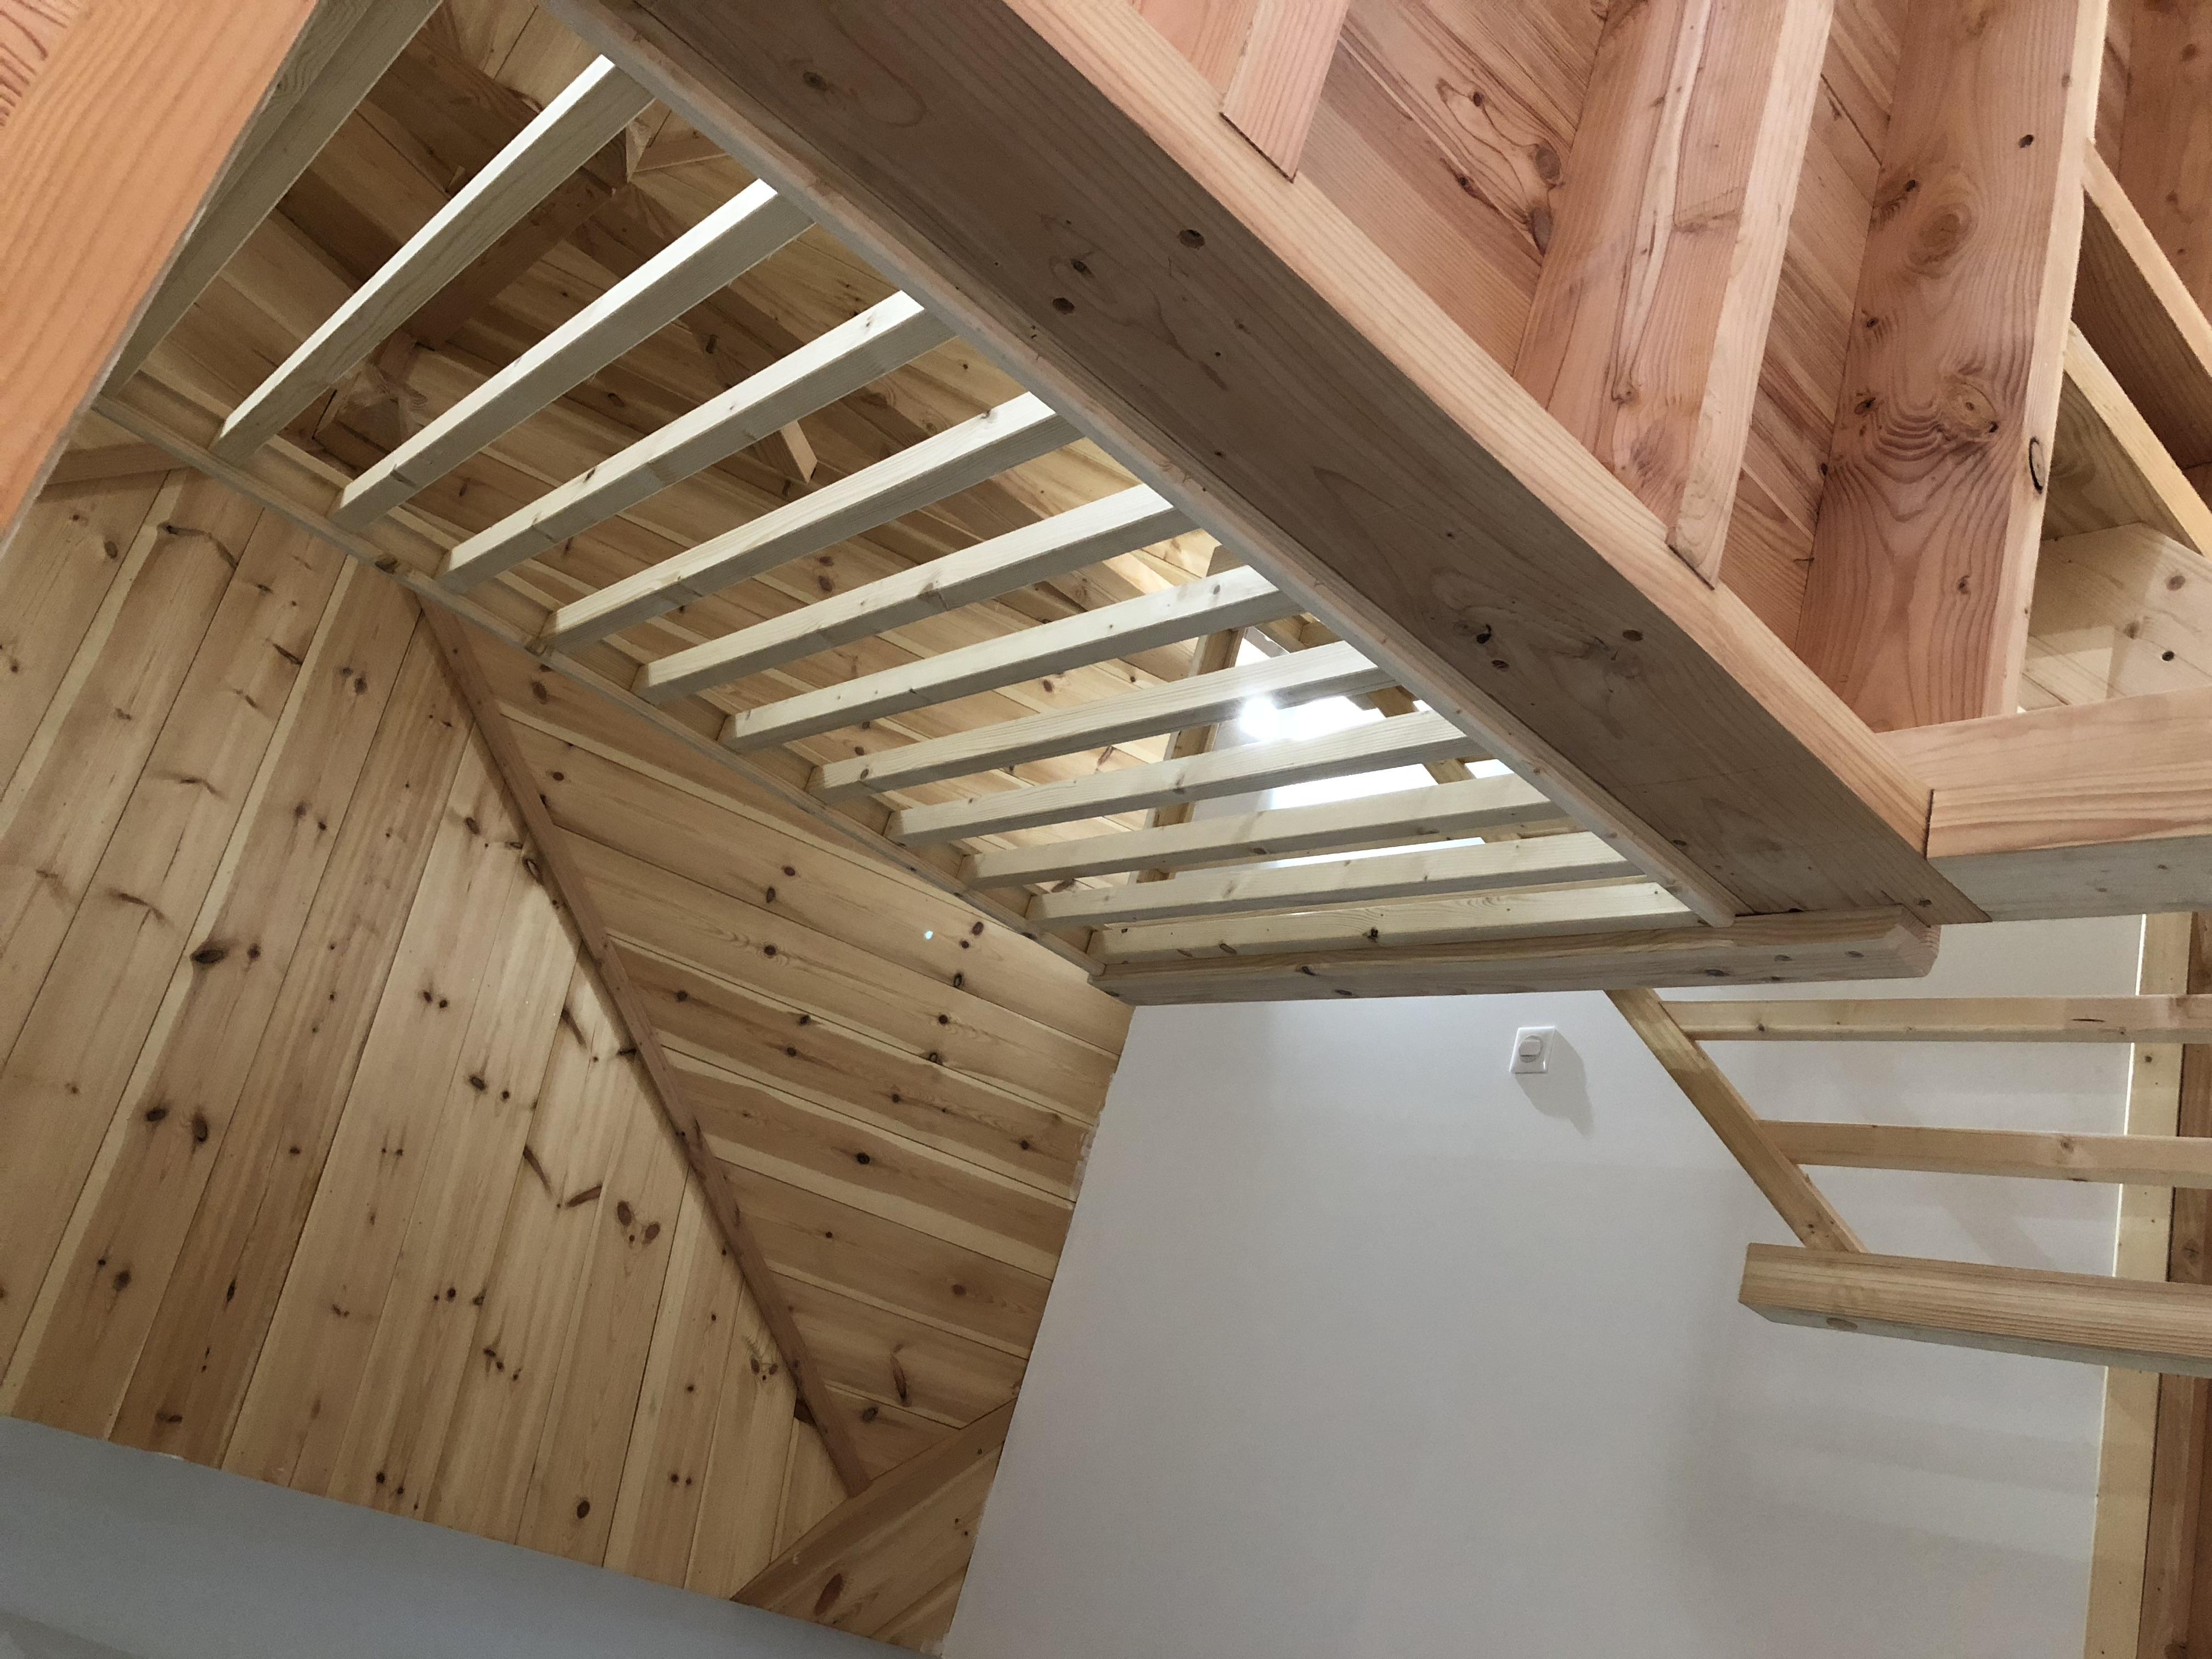 Chevêtre escalier maison